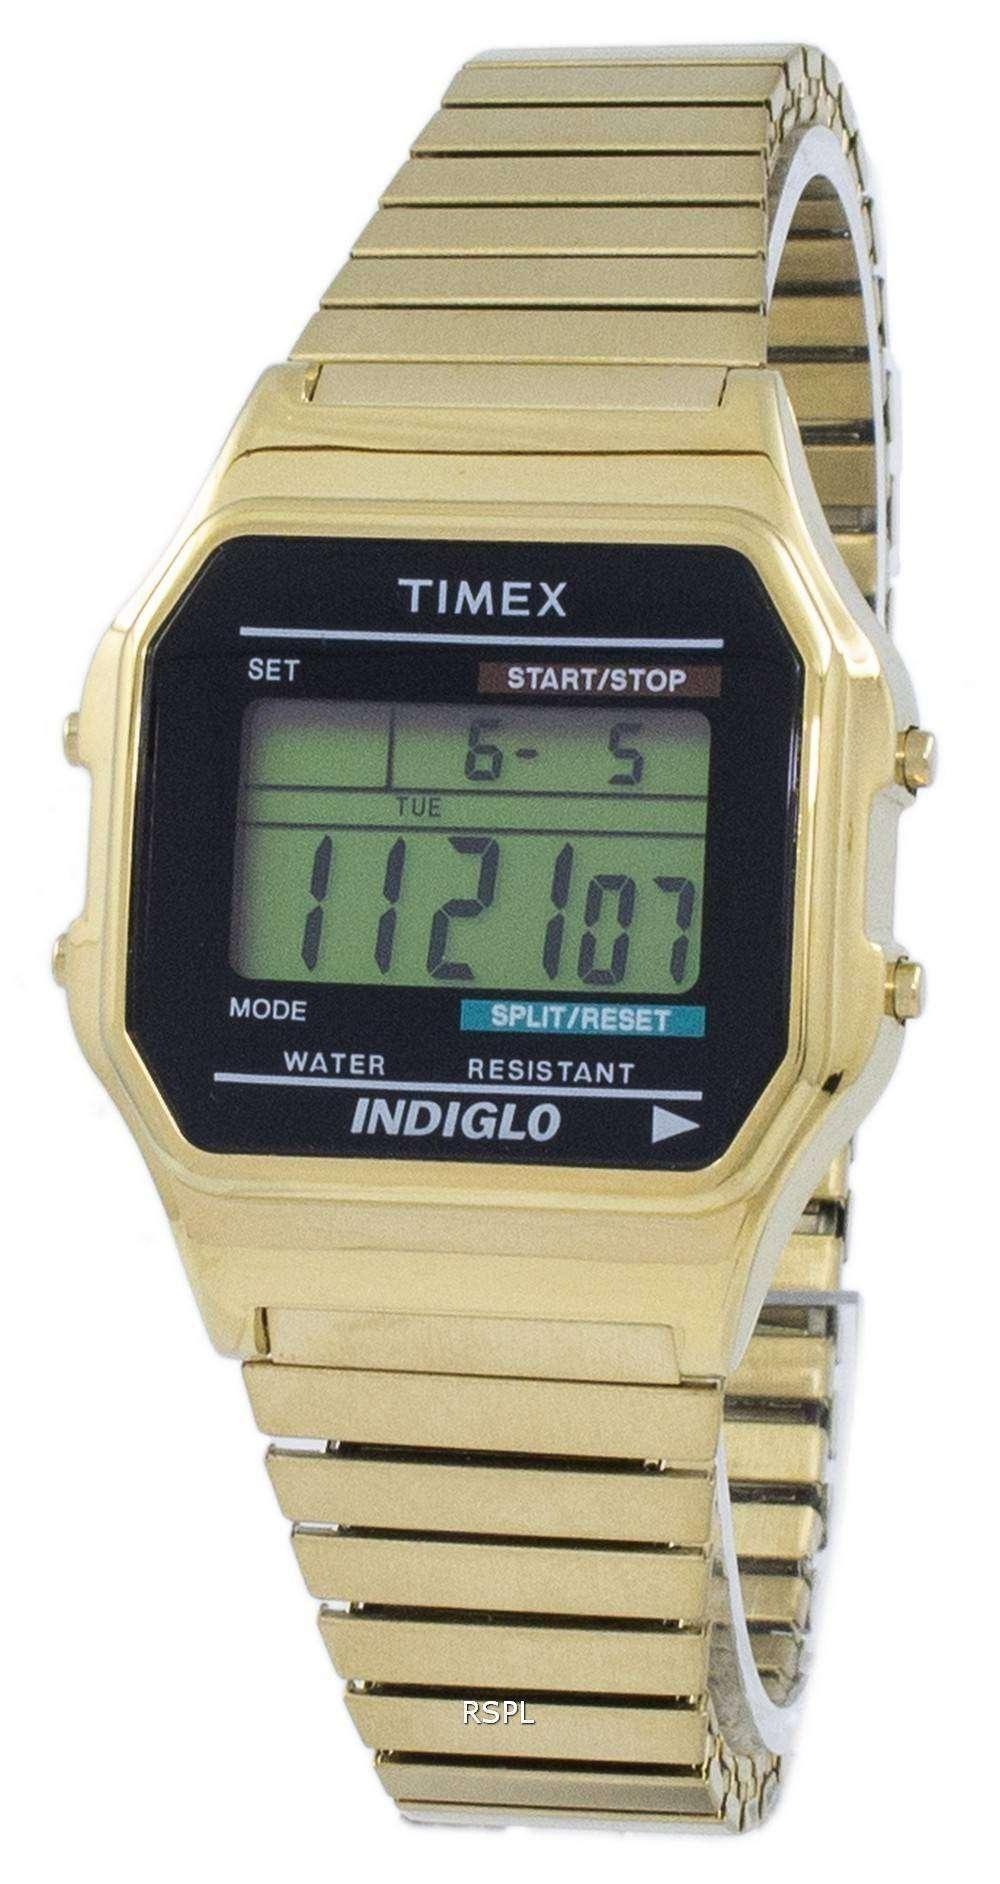 Timex クラシック Indiglo クロノグラフ アラーム デジタル T78677 メンズ腕時計